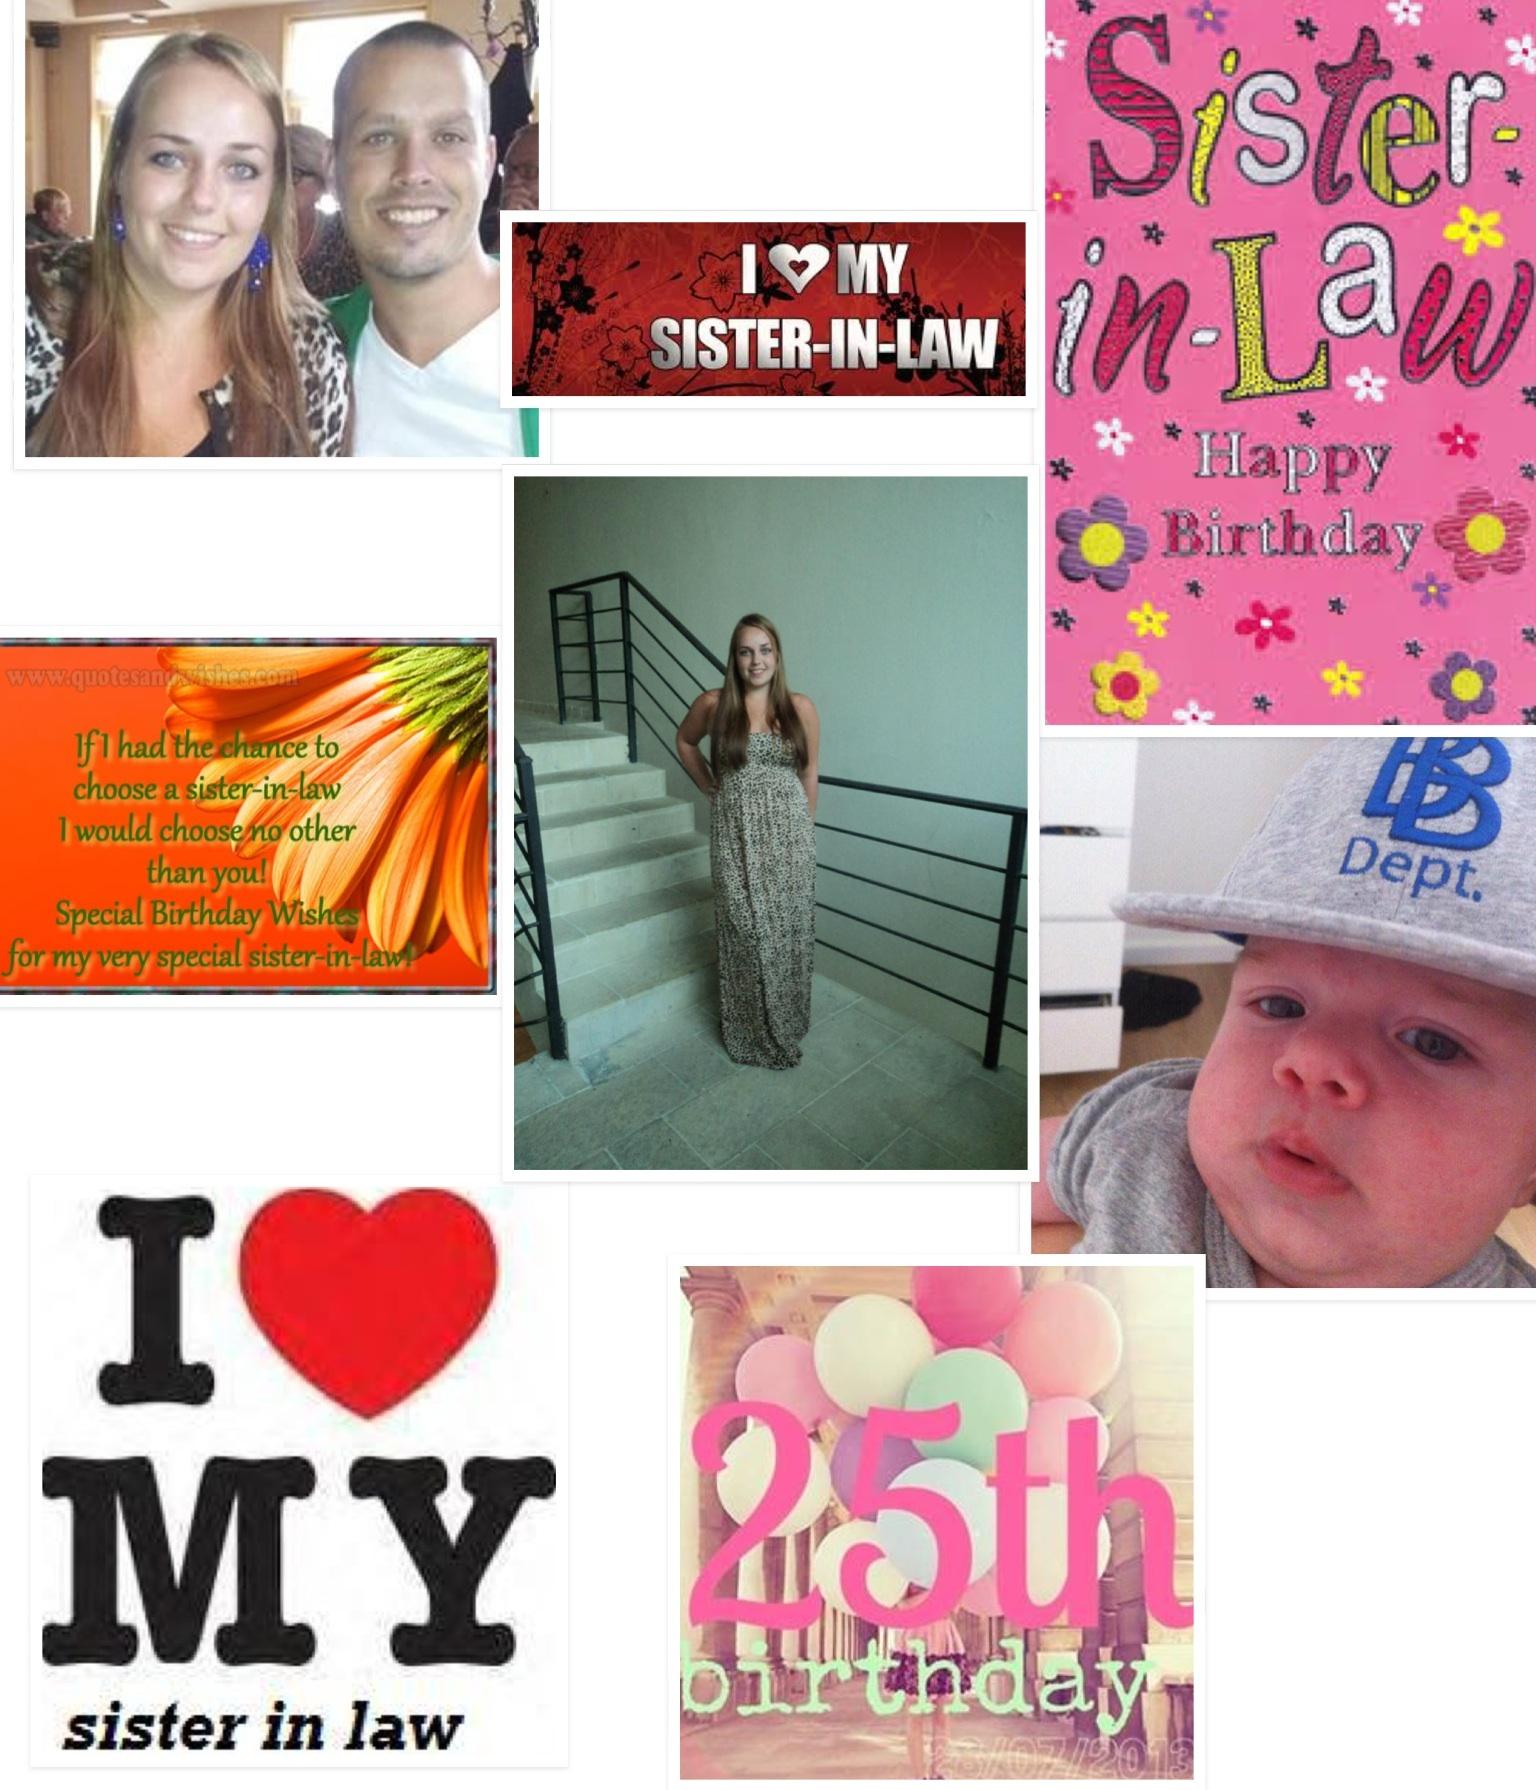 Gelukkige Verjaardag ... dat je altijd blijven u en uw mooie familie zegenen